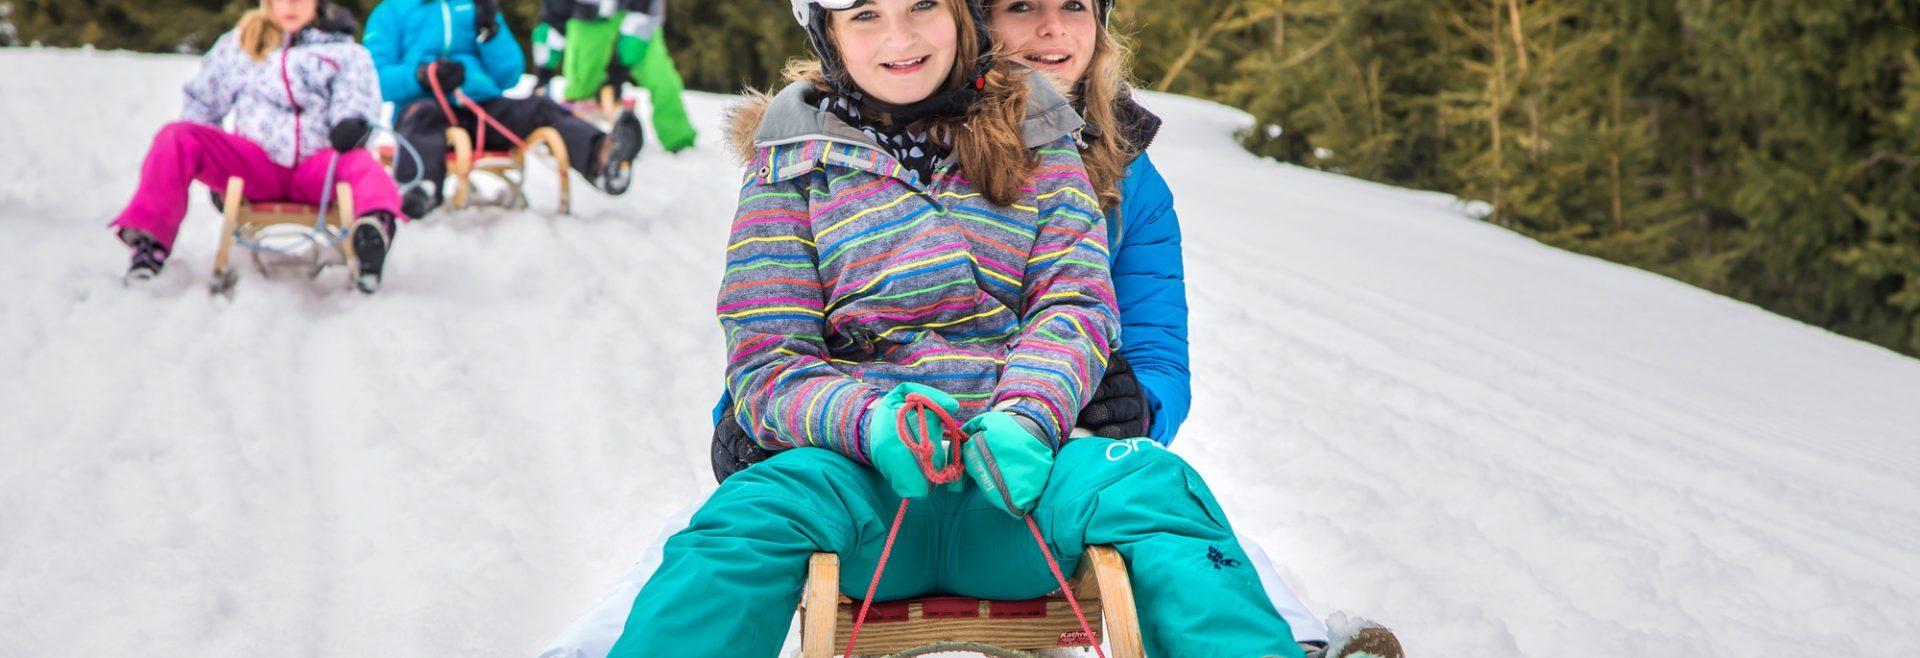 Kinder auf ihren Rodeln im Schnee